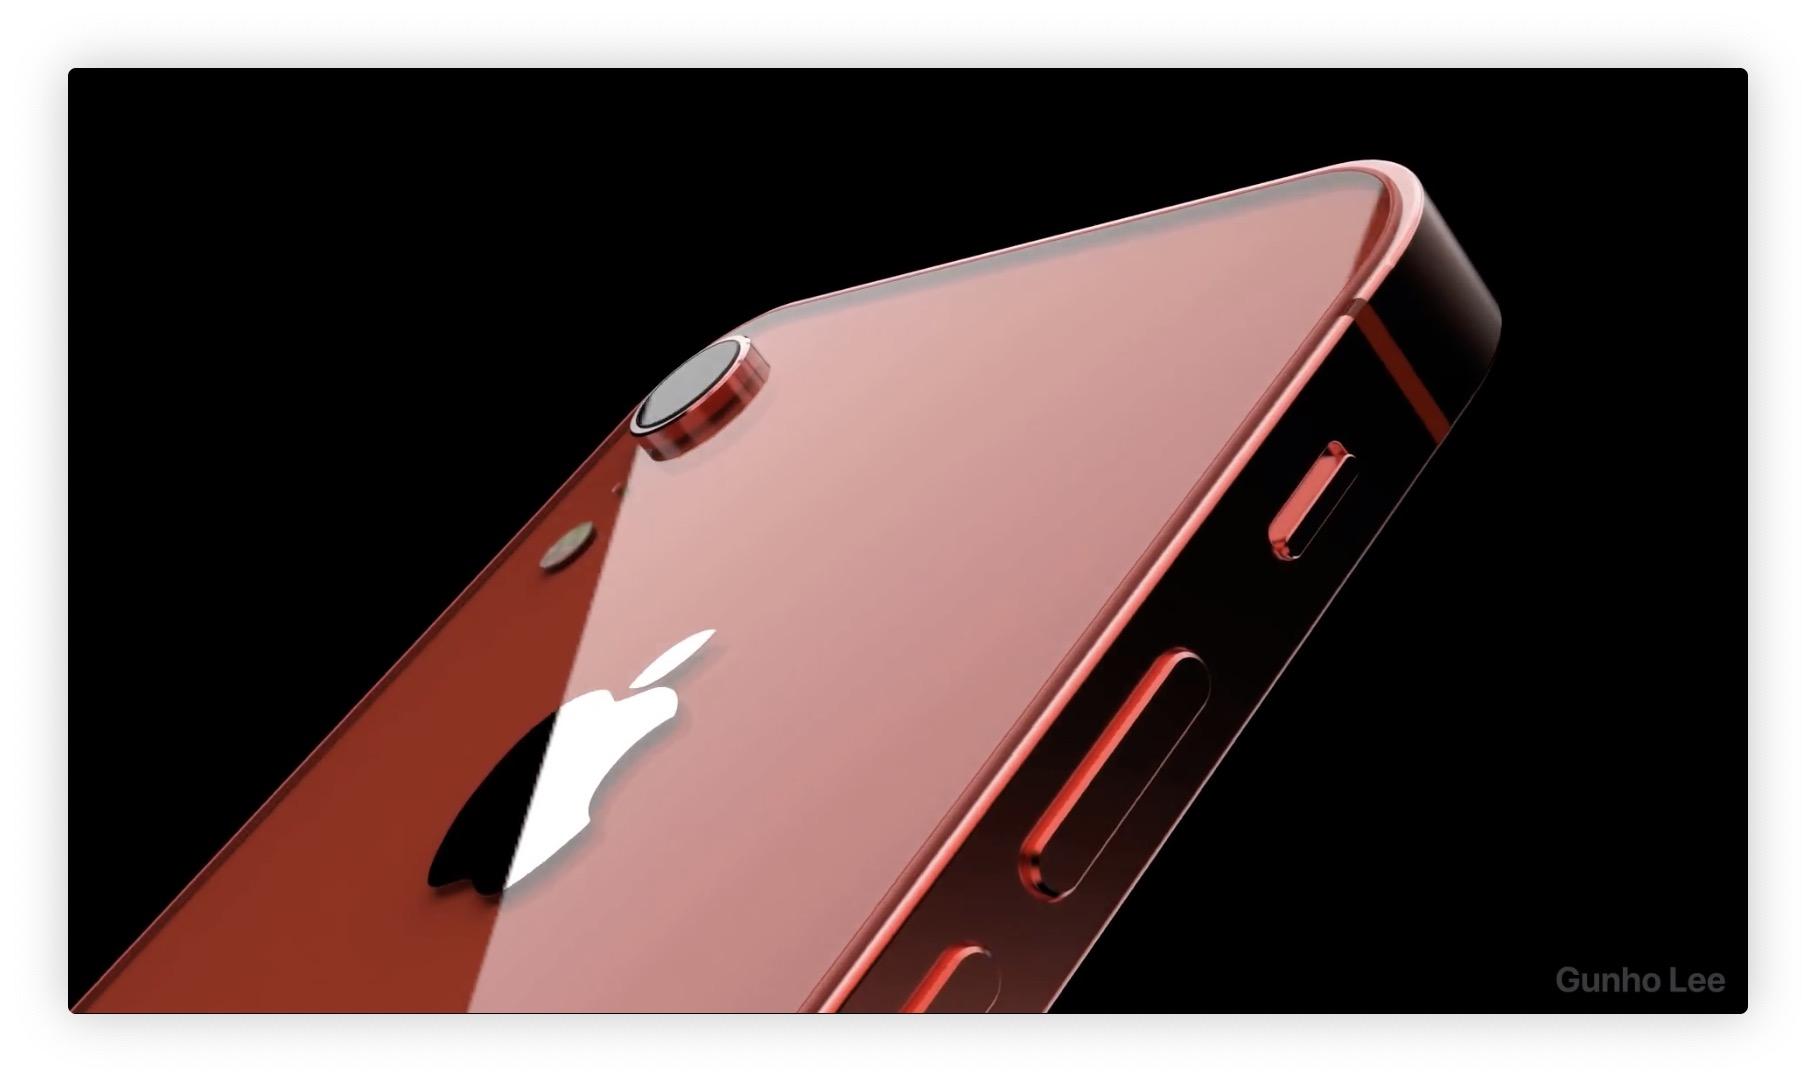 Vidéo concept d'iPhone SE 2 quasi plein écran : simple et efficace ! 1